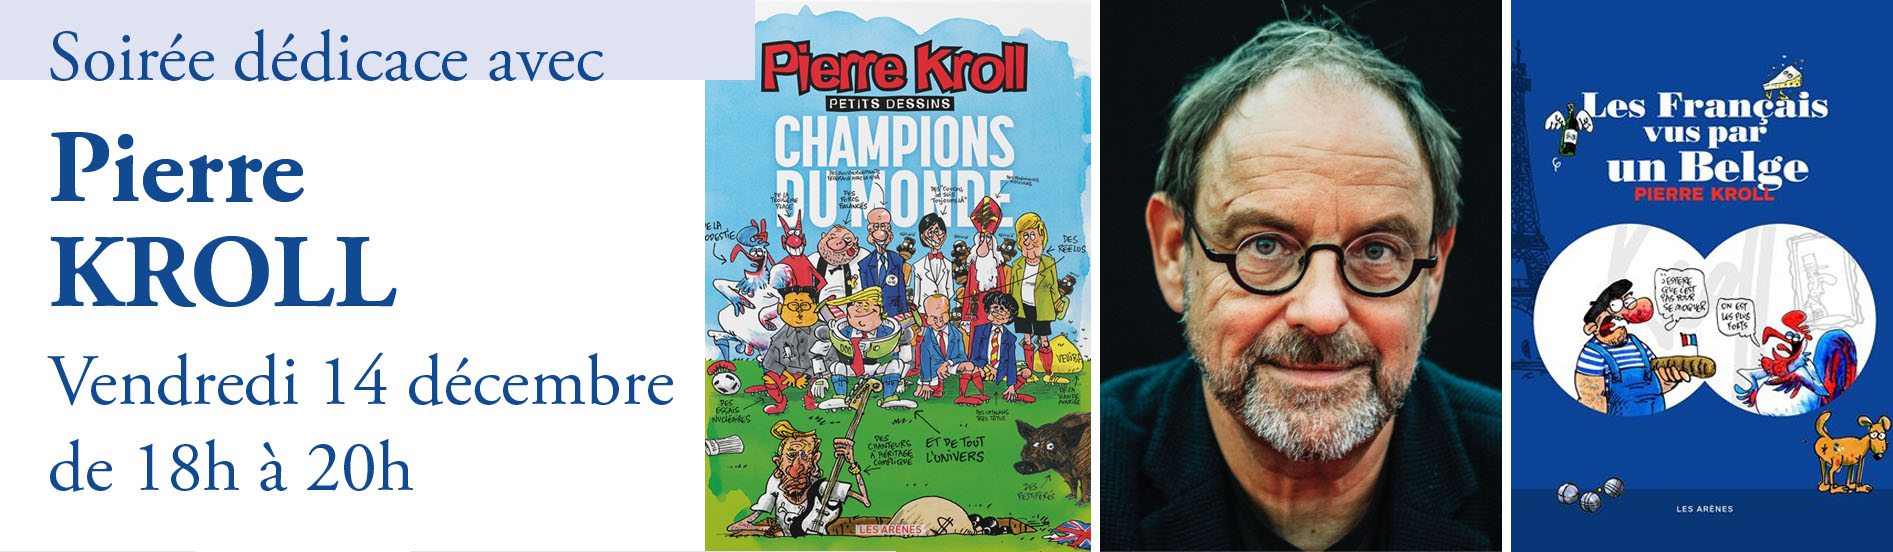 Soirée dédicace avec Pierre Kroll